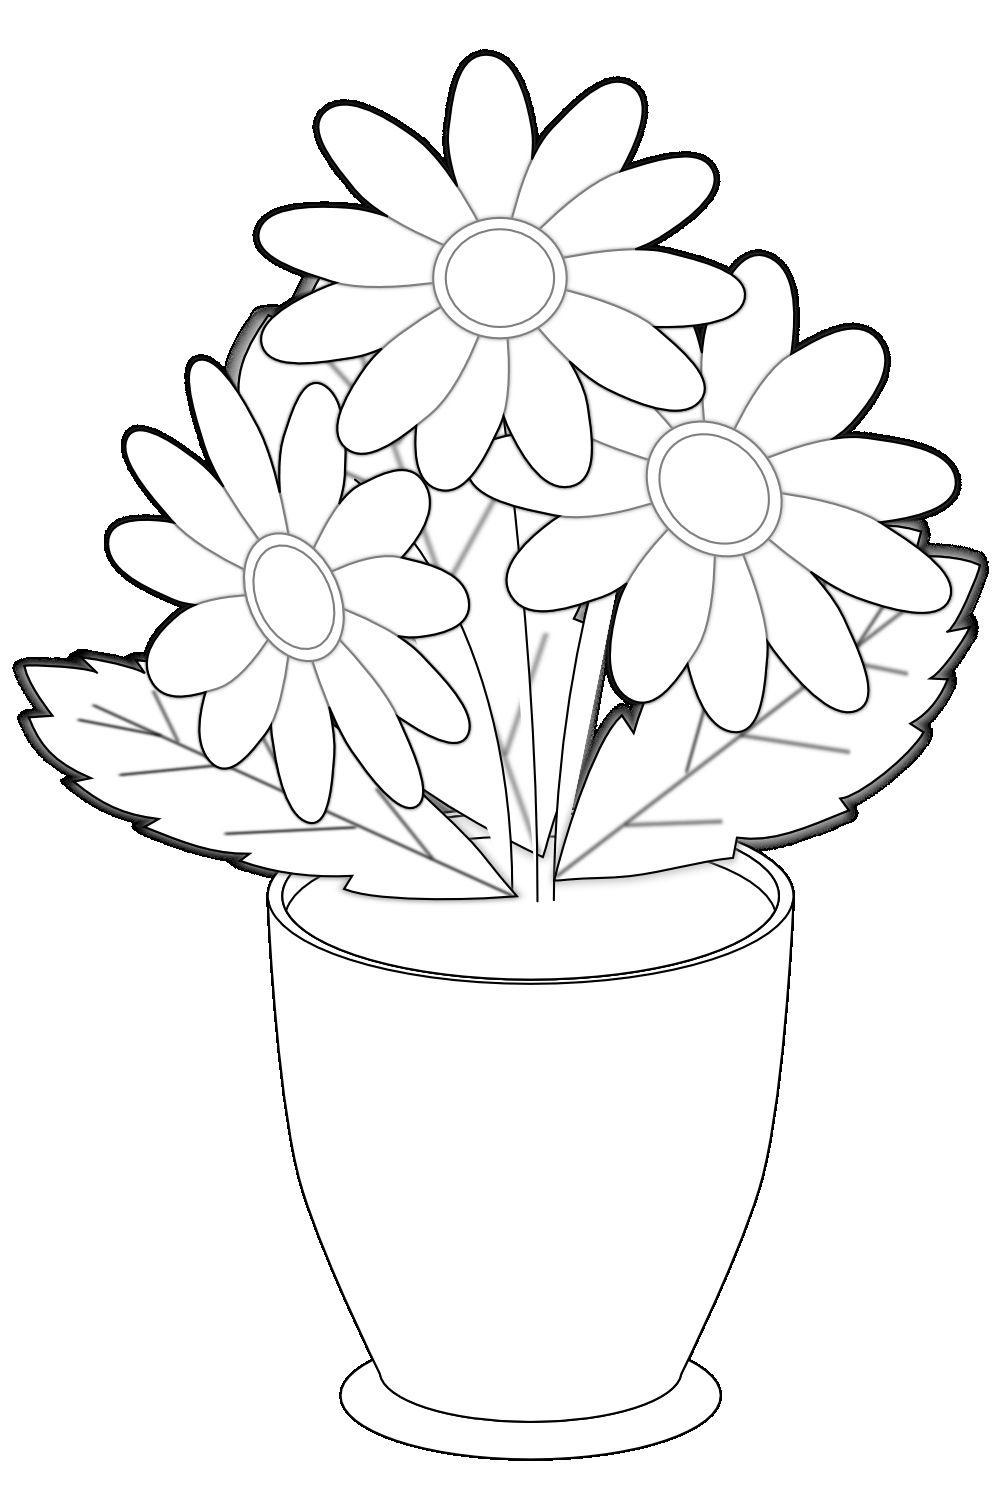 Vases black clipart clip art free stock 30 Lovely Vase Of Flowers Clipart Black and White ... clip art free stock